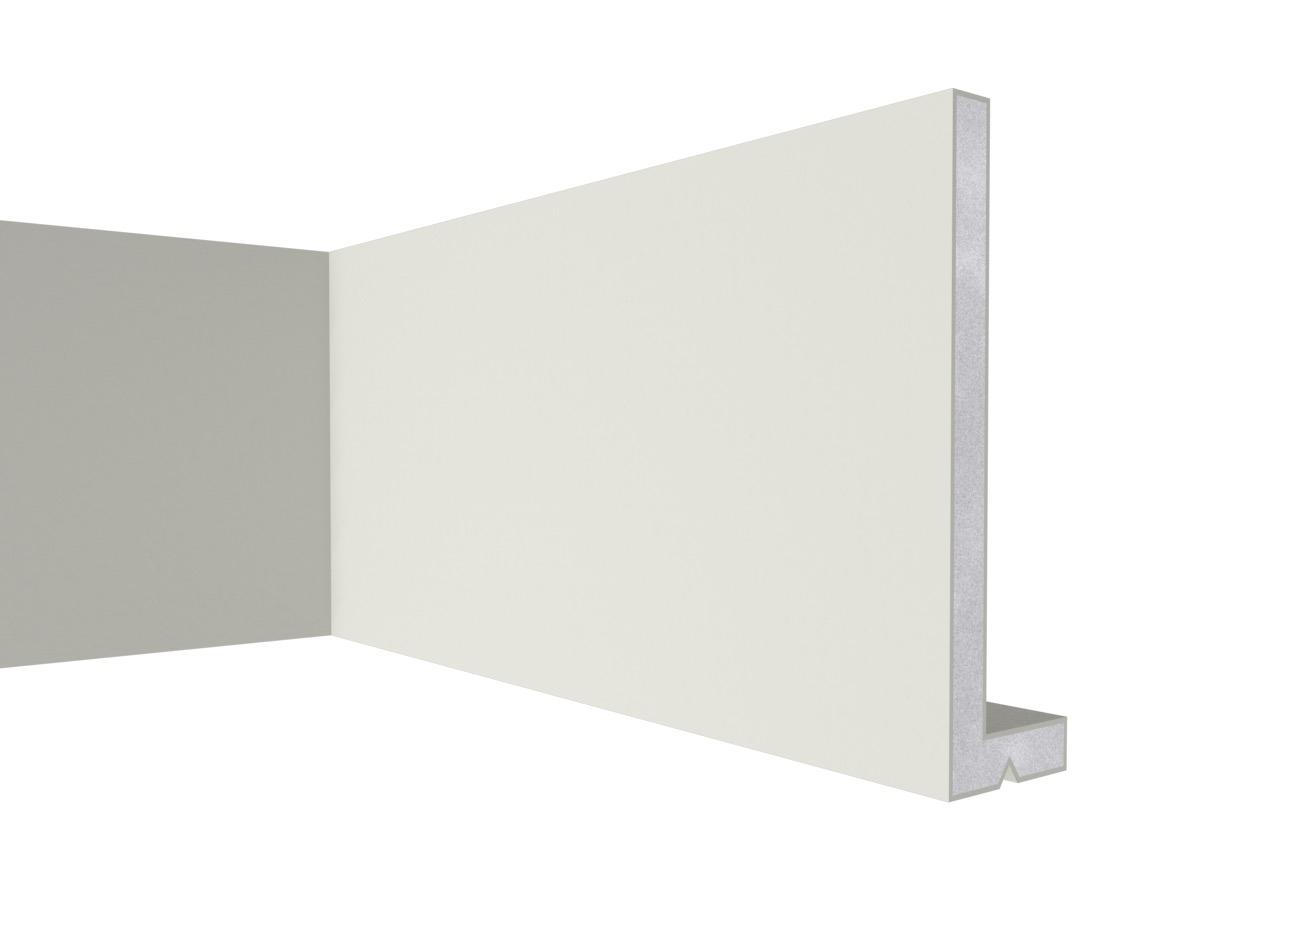 Front 24 - Cornice per balconi e frontalini - Decorget - Ital Decori